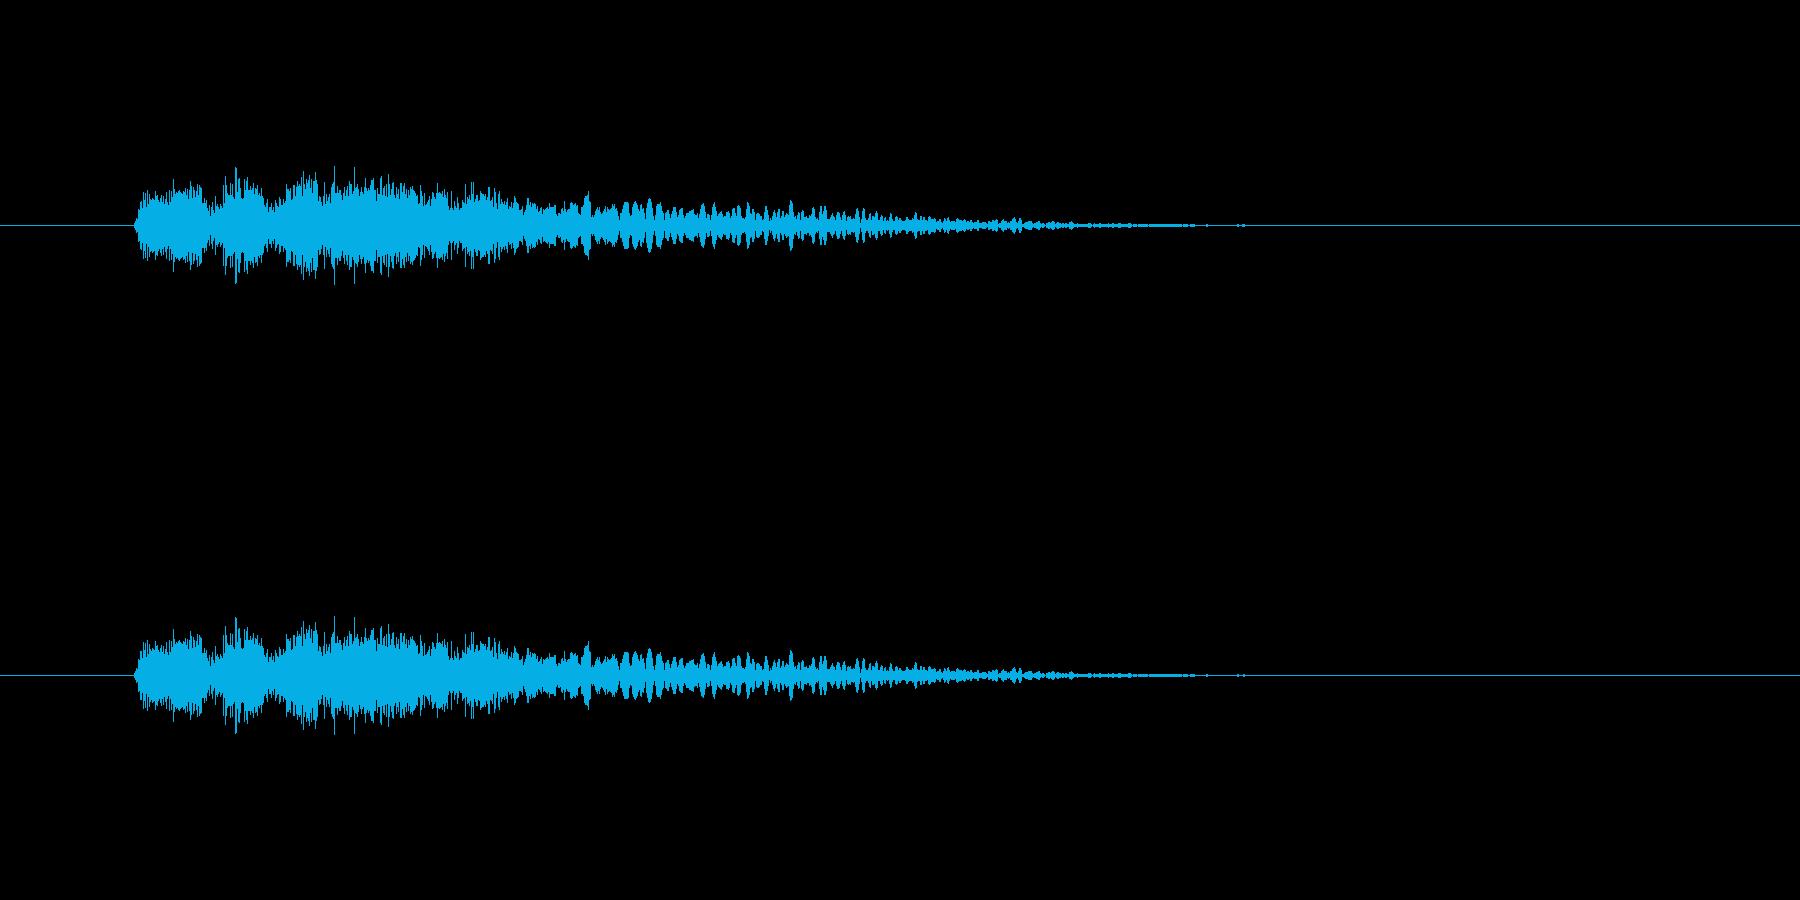 【ポップモーション43-2】の再生済みの波形